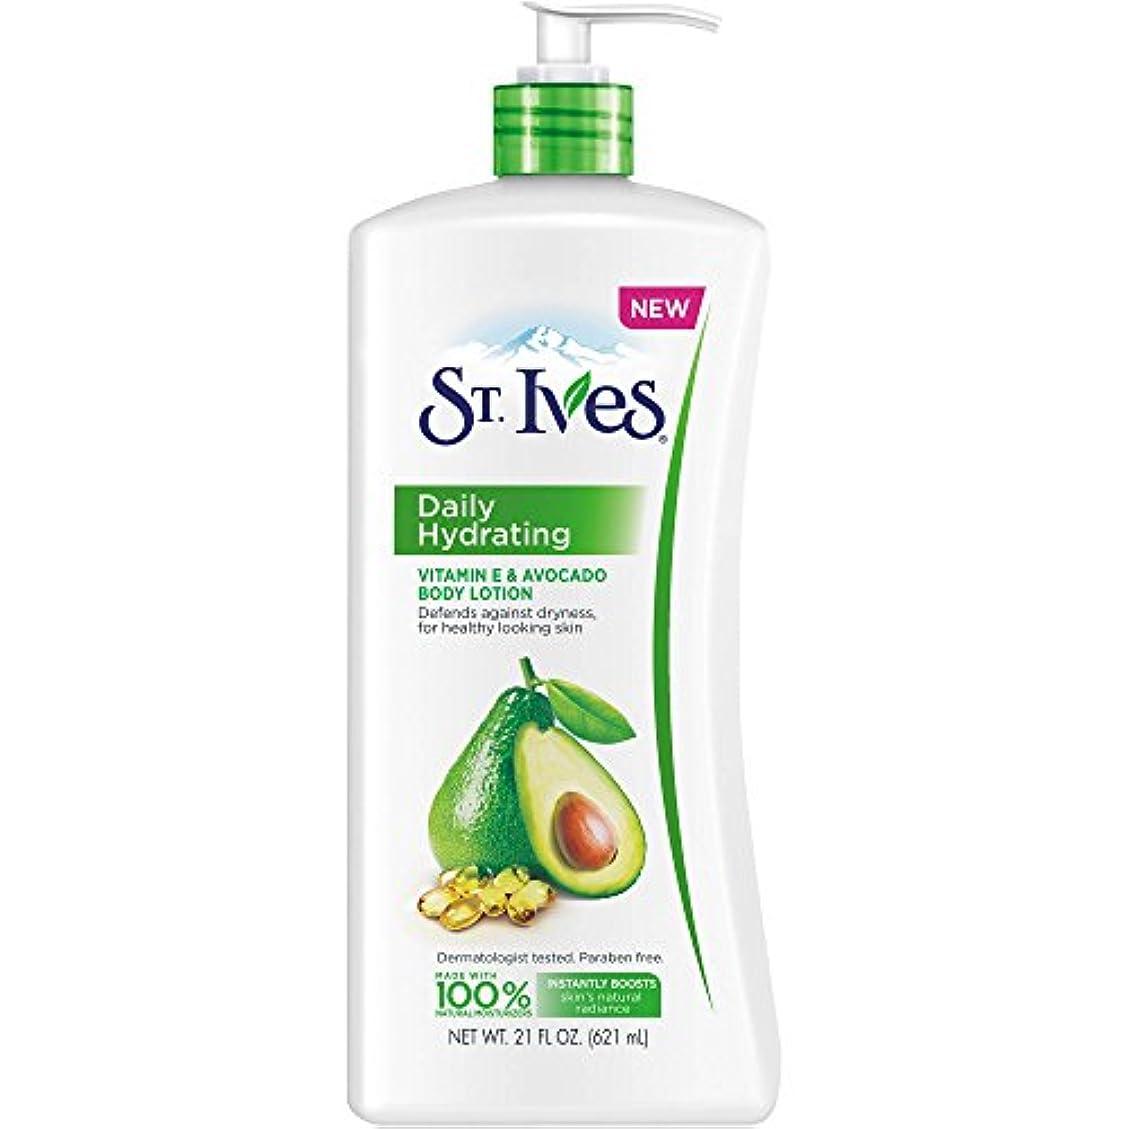 重要な注意ジャーナリストSt. Ives Daily Hydrating Vitamin E and Avocado Body Lotion [並行輸入品]